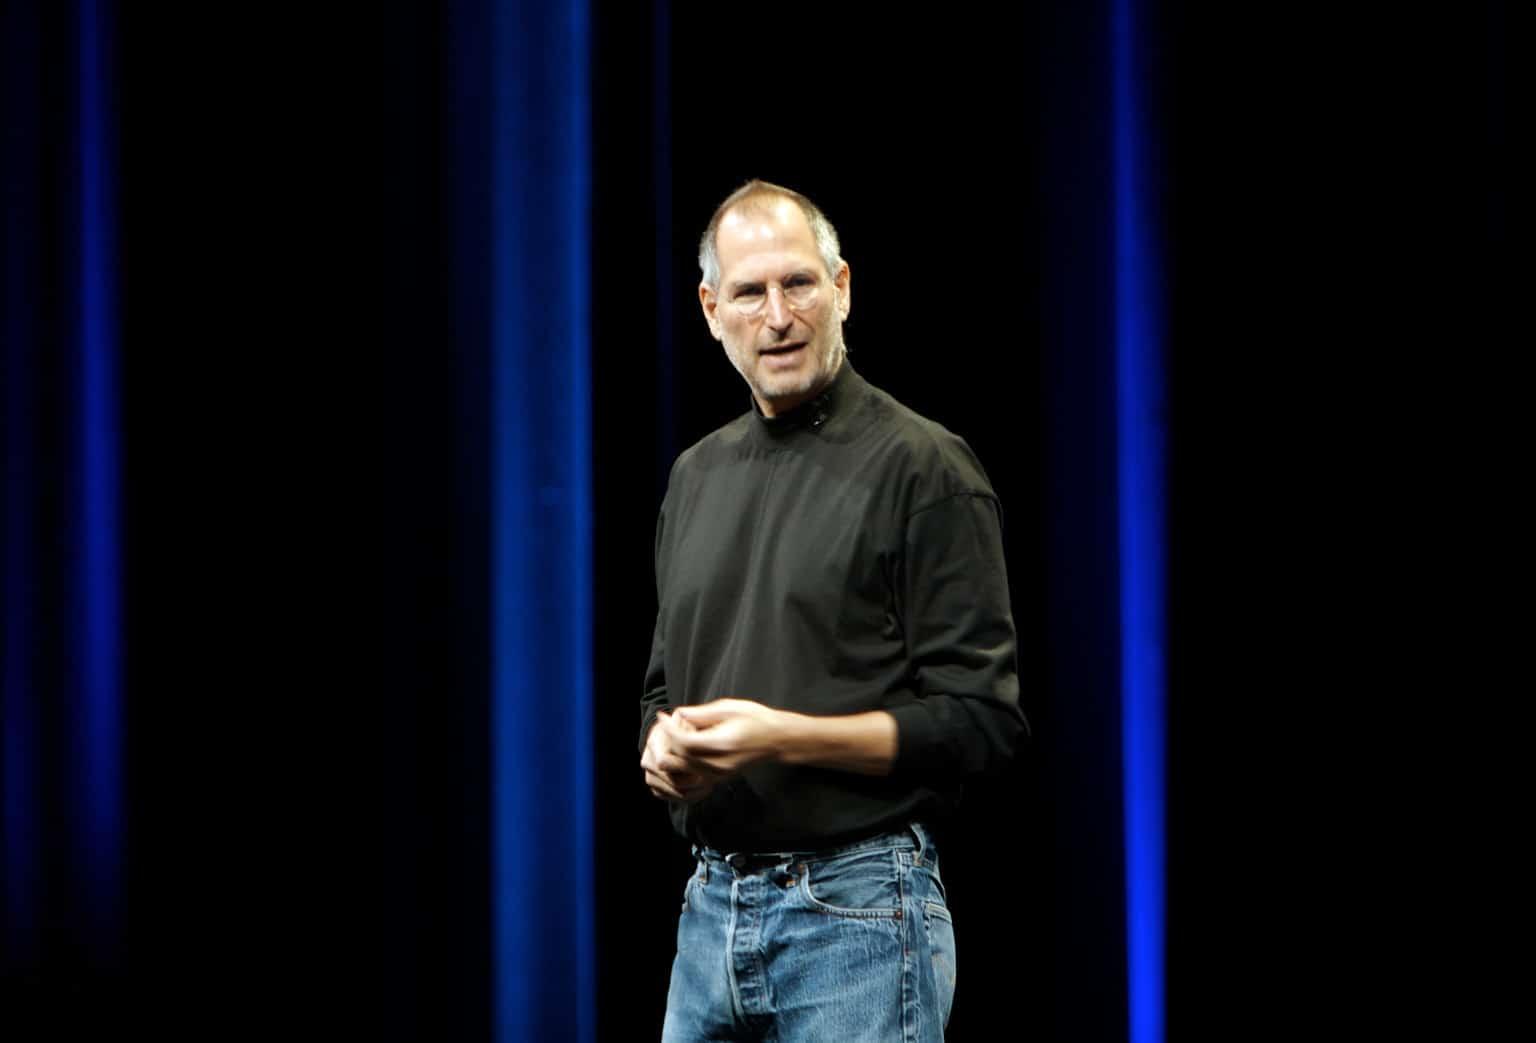 Discours de Stanford : Steve Jobs en 3 leçons de vie